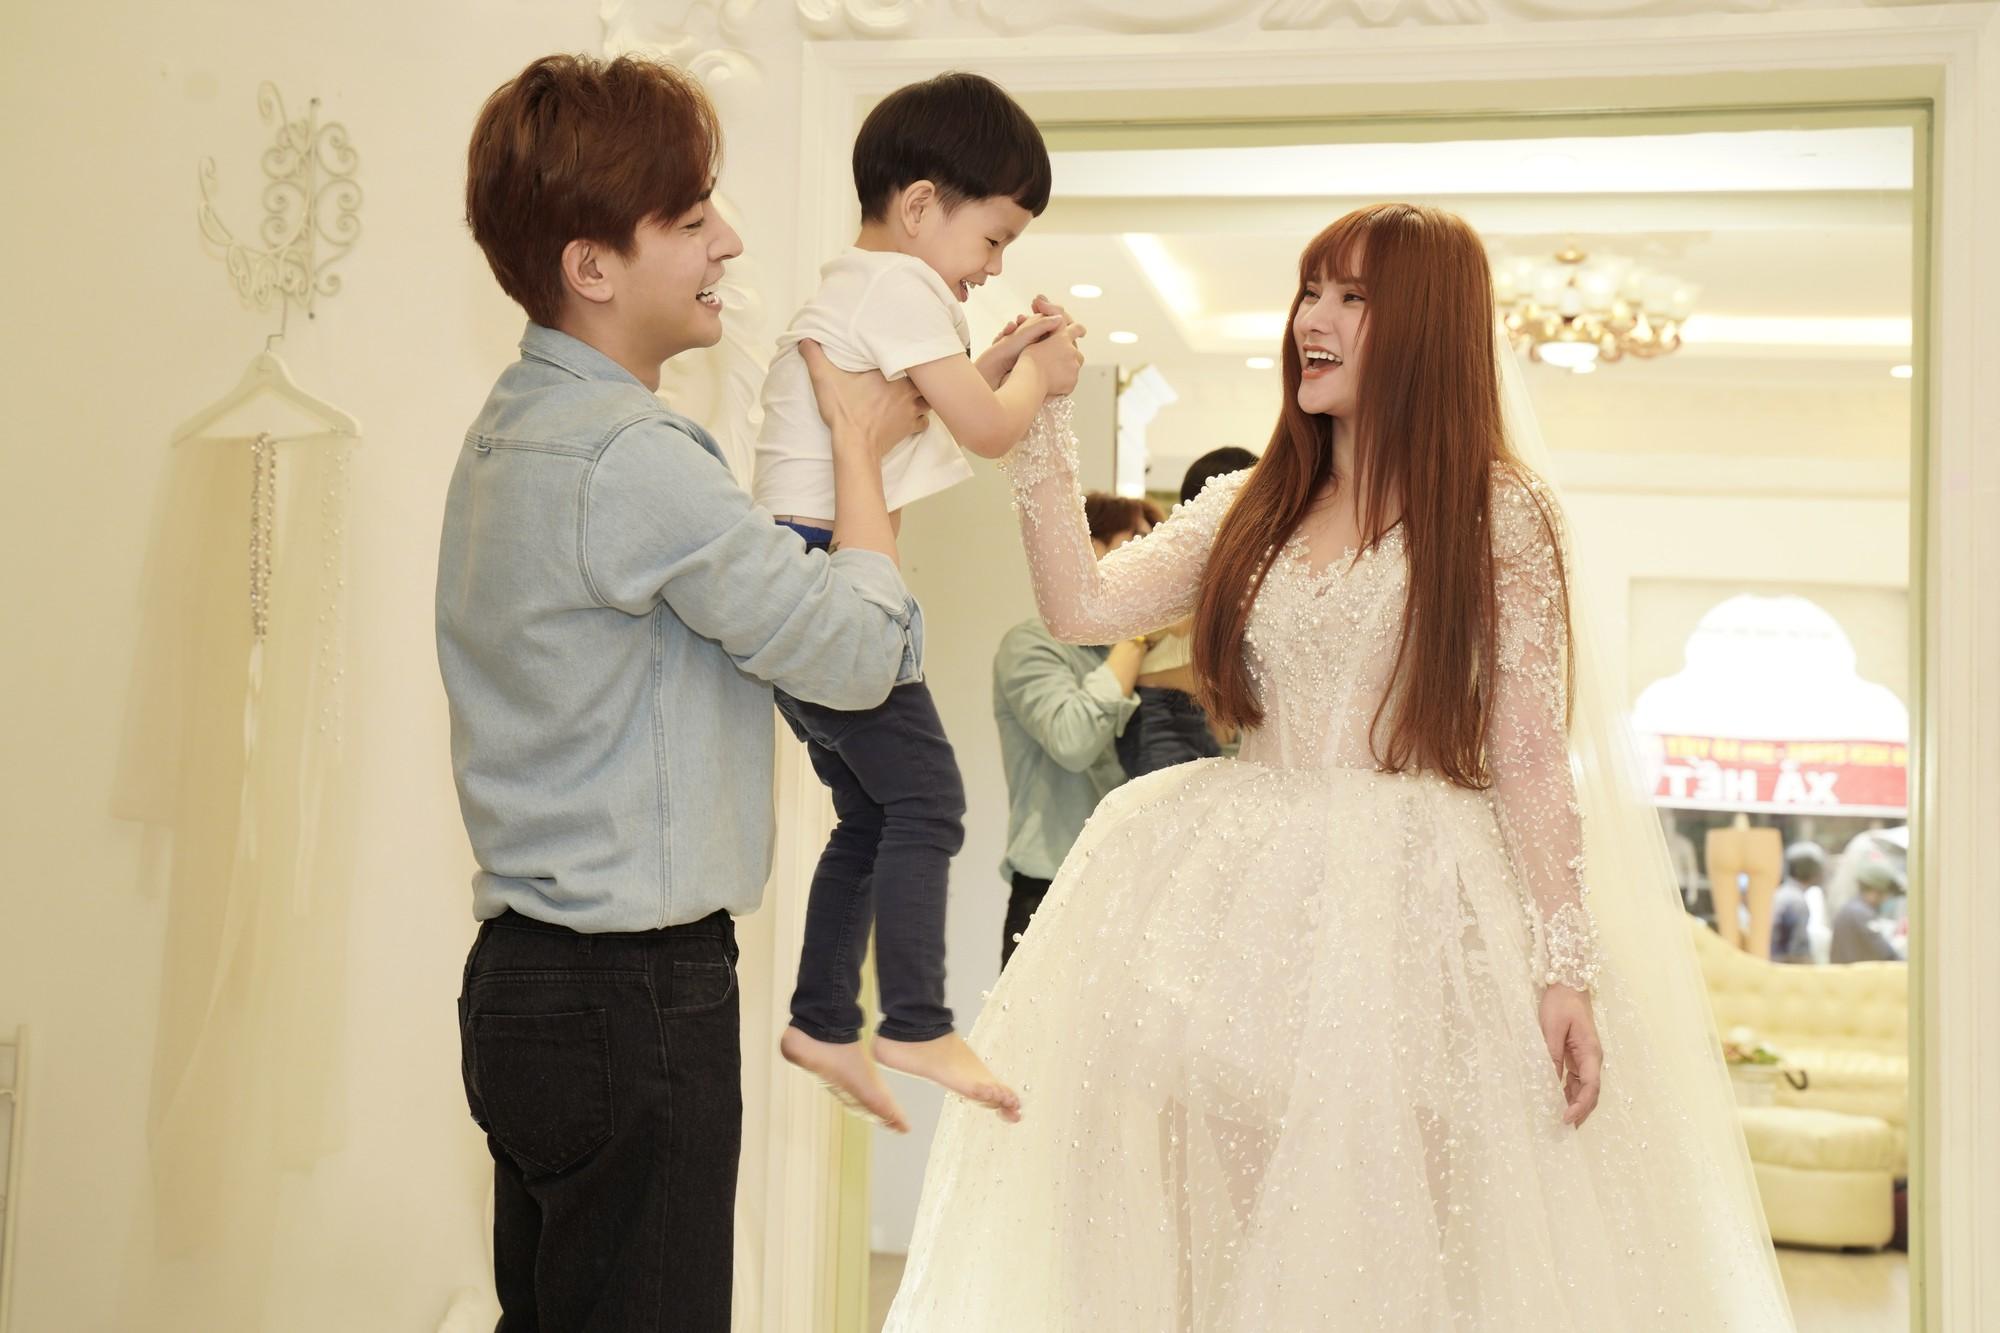 Thu Thủy chọn váy cưới rộng, khéo léo che chắn vòng 2 giữa tin đồn cưới chạy bầu - Ảnh 4.